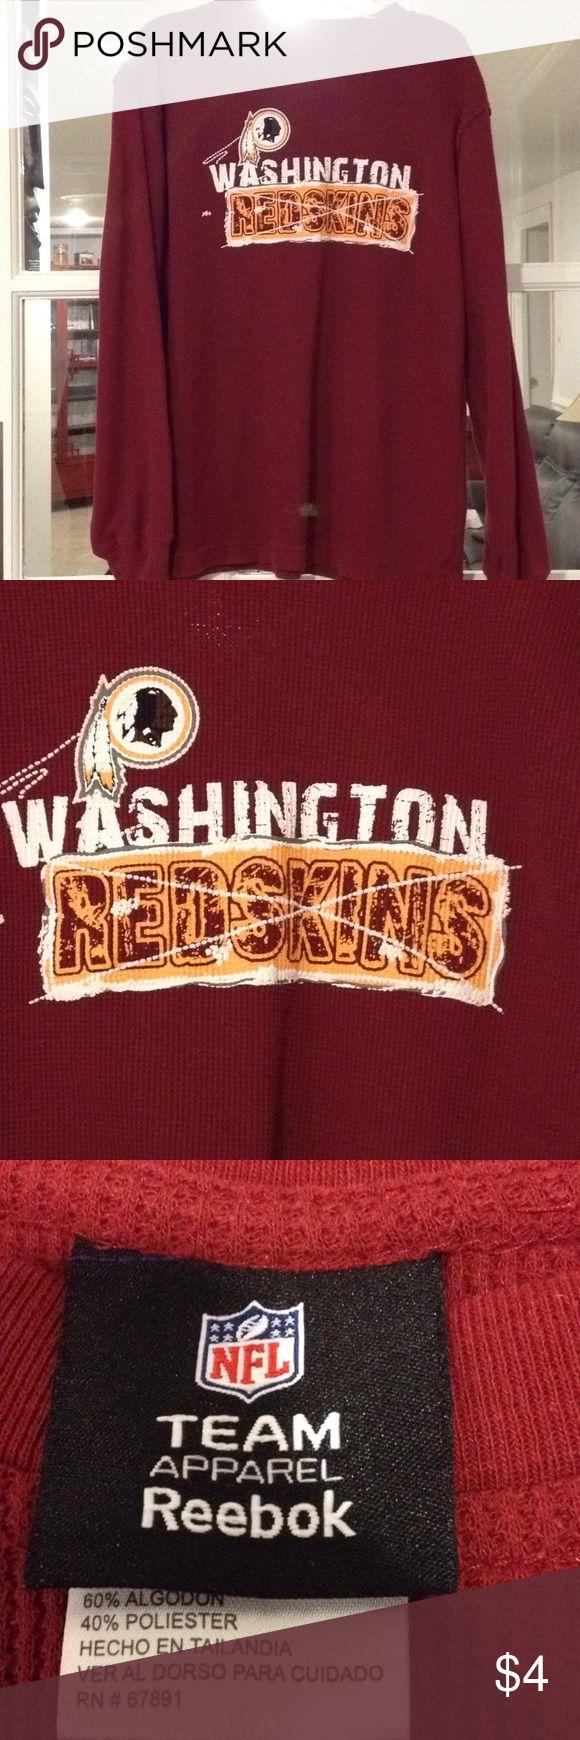 NFL Redskins Large (14-16) top unisex Large (14-16) NFL Redskin unisex top NFL Shirts & Tops Tees - Long Sleeve